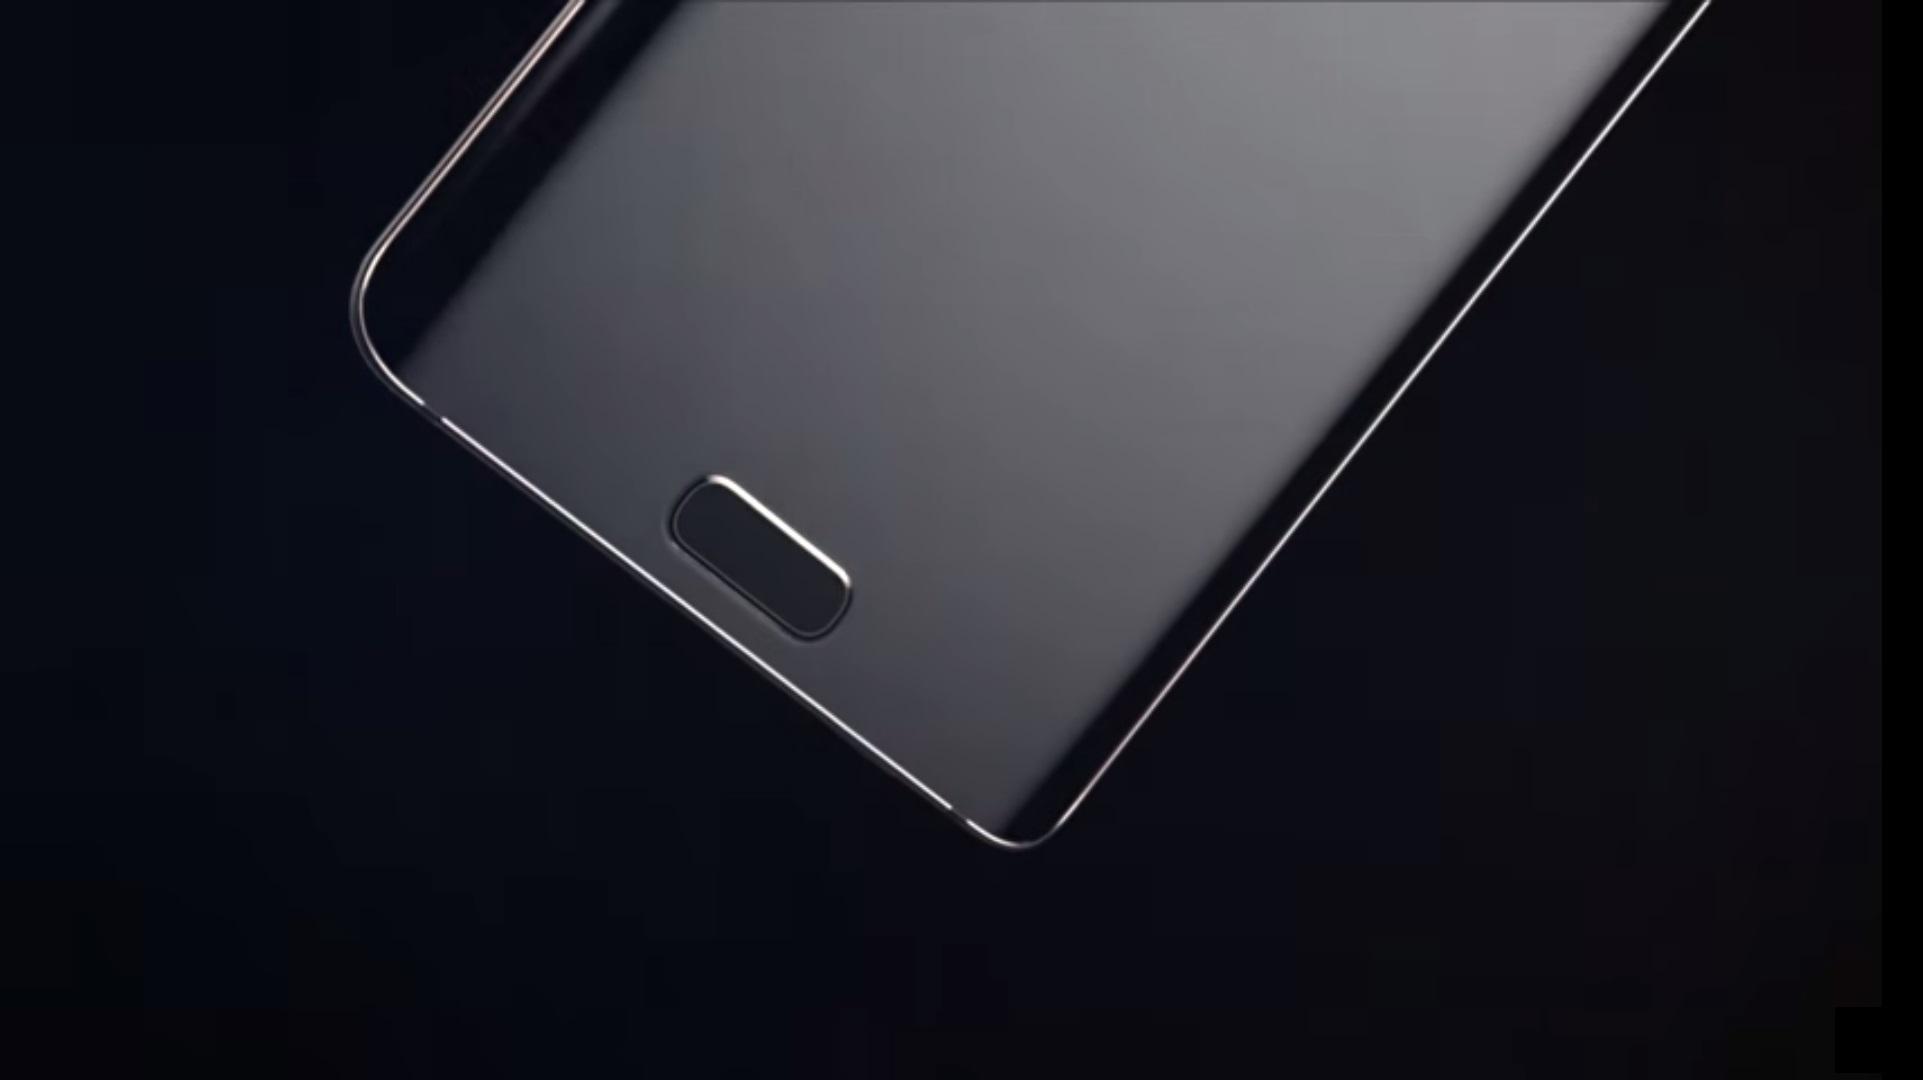 Samsung-Galaxy-Note-5-edge-renders